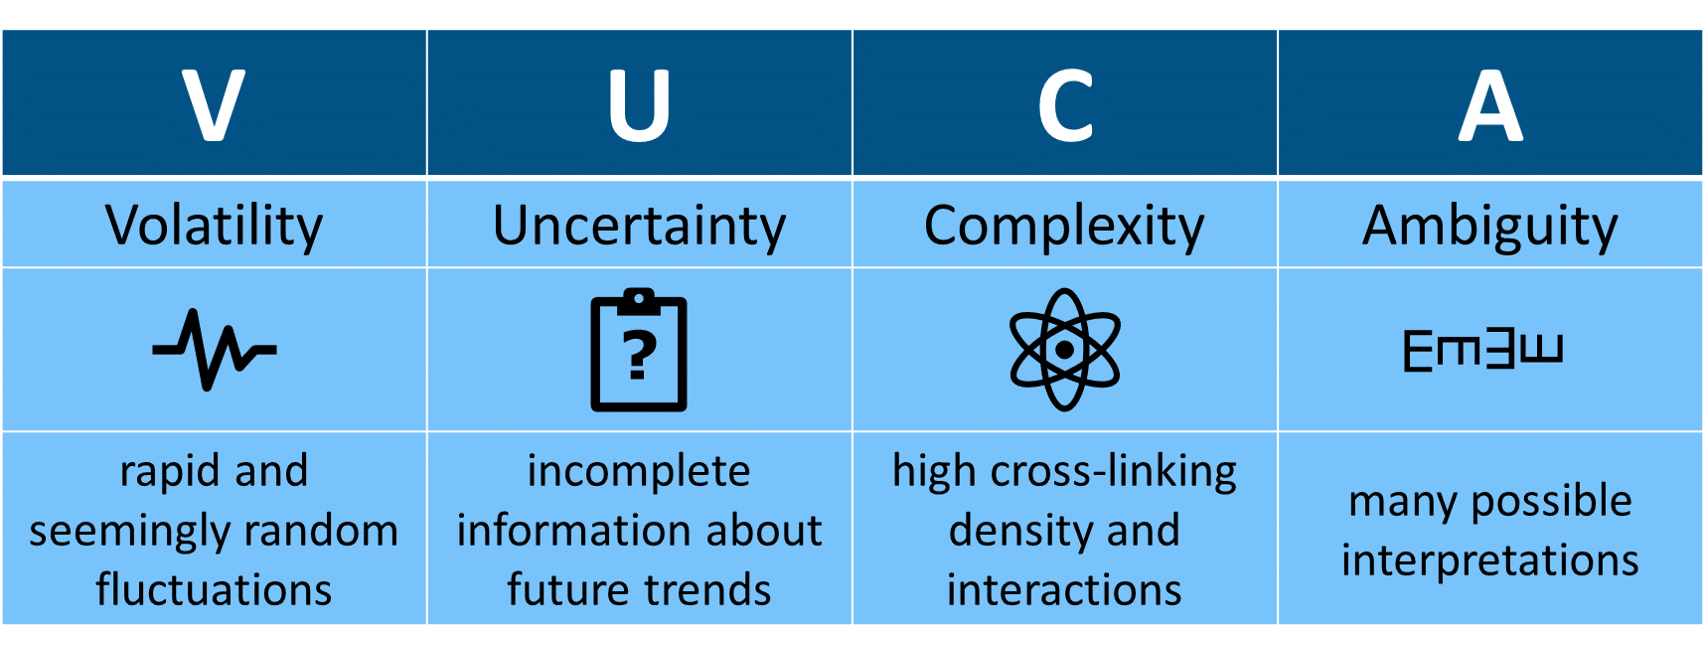 VUCA powernavi ecosystems of trust